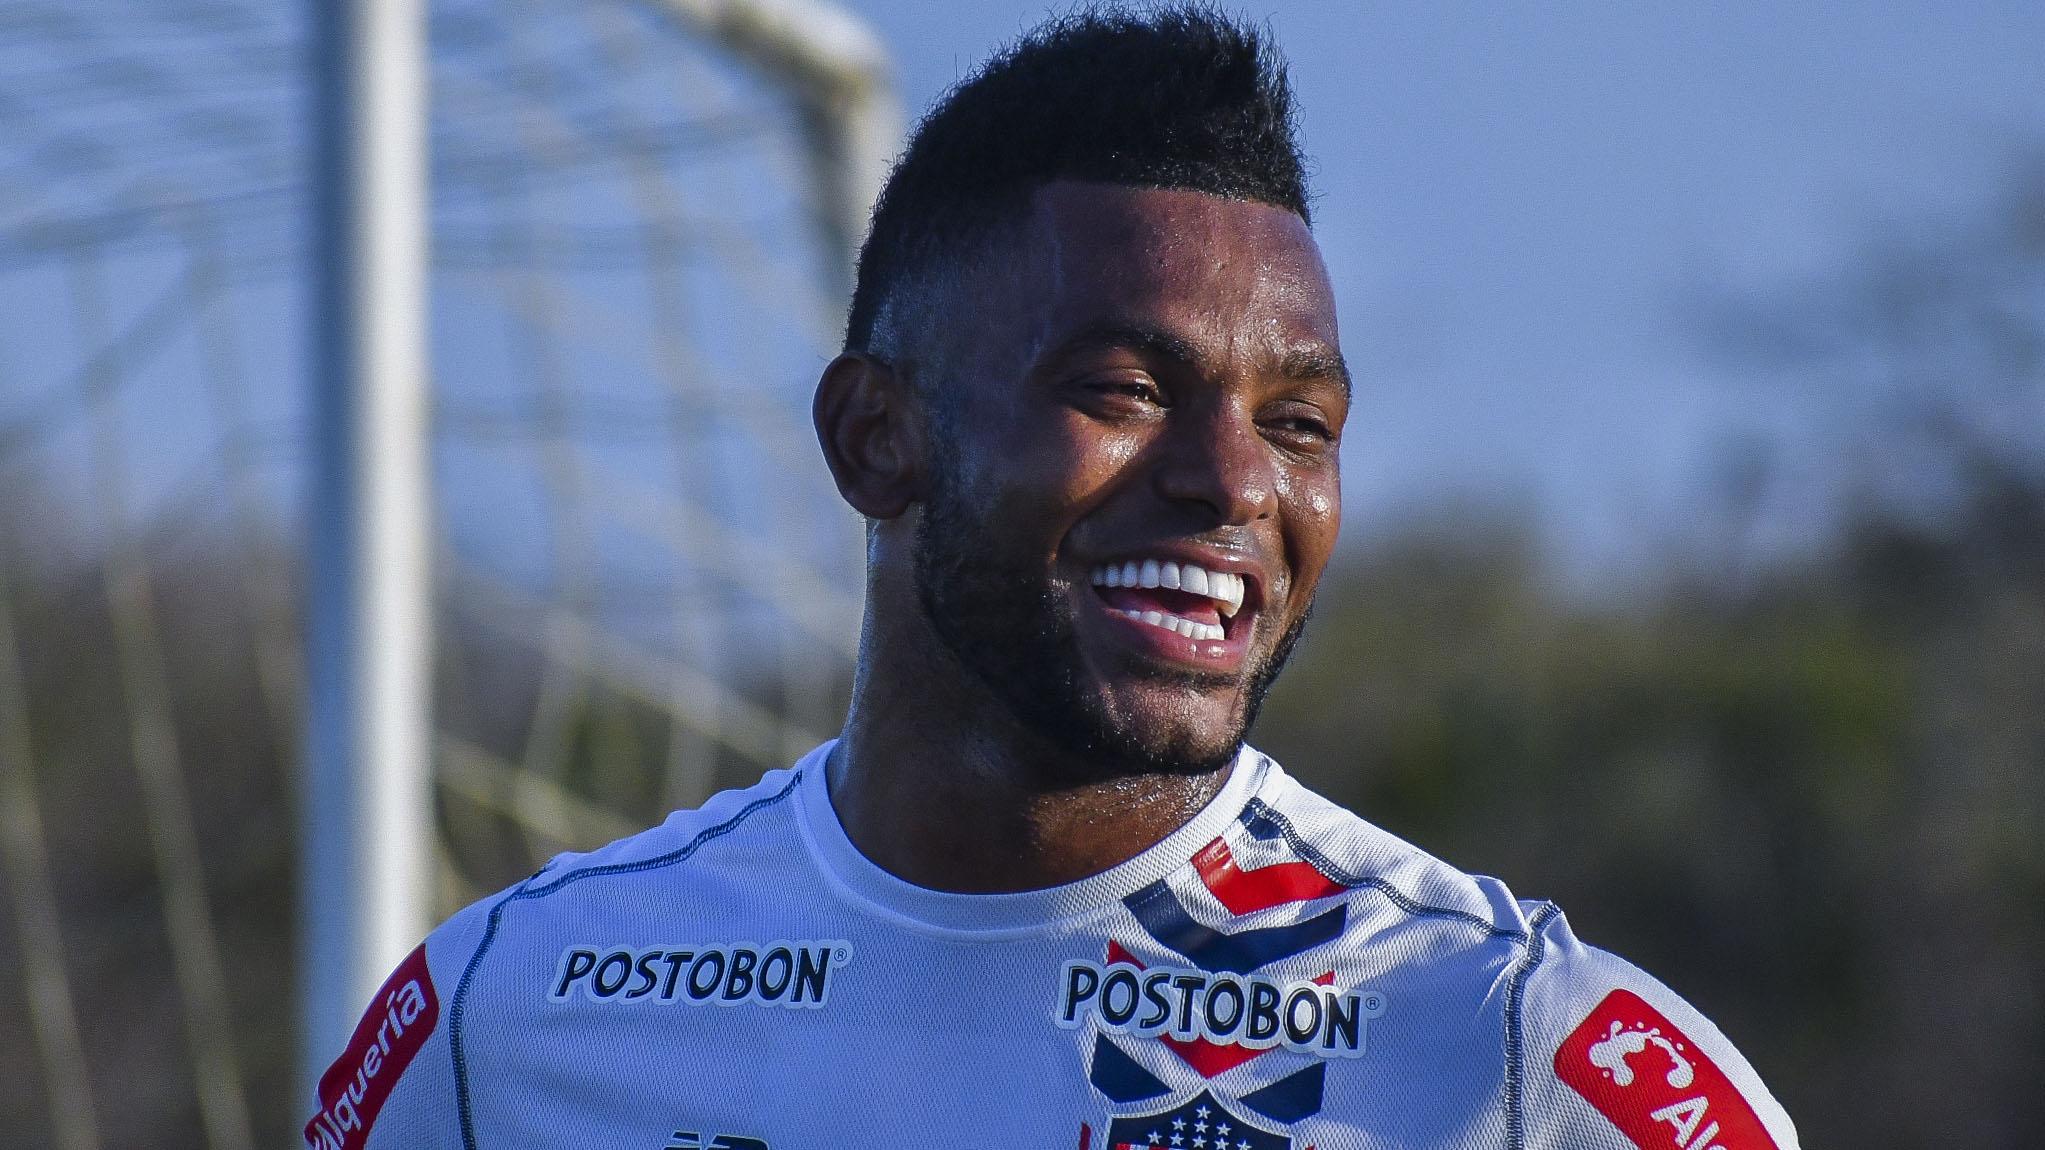 Junior y Palmeiras, cerca de llegar a un nuevo acuerdo por Borja | El Heraldo